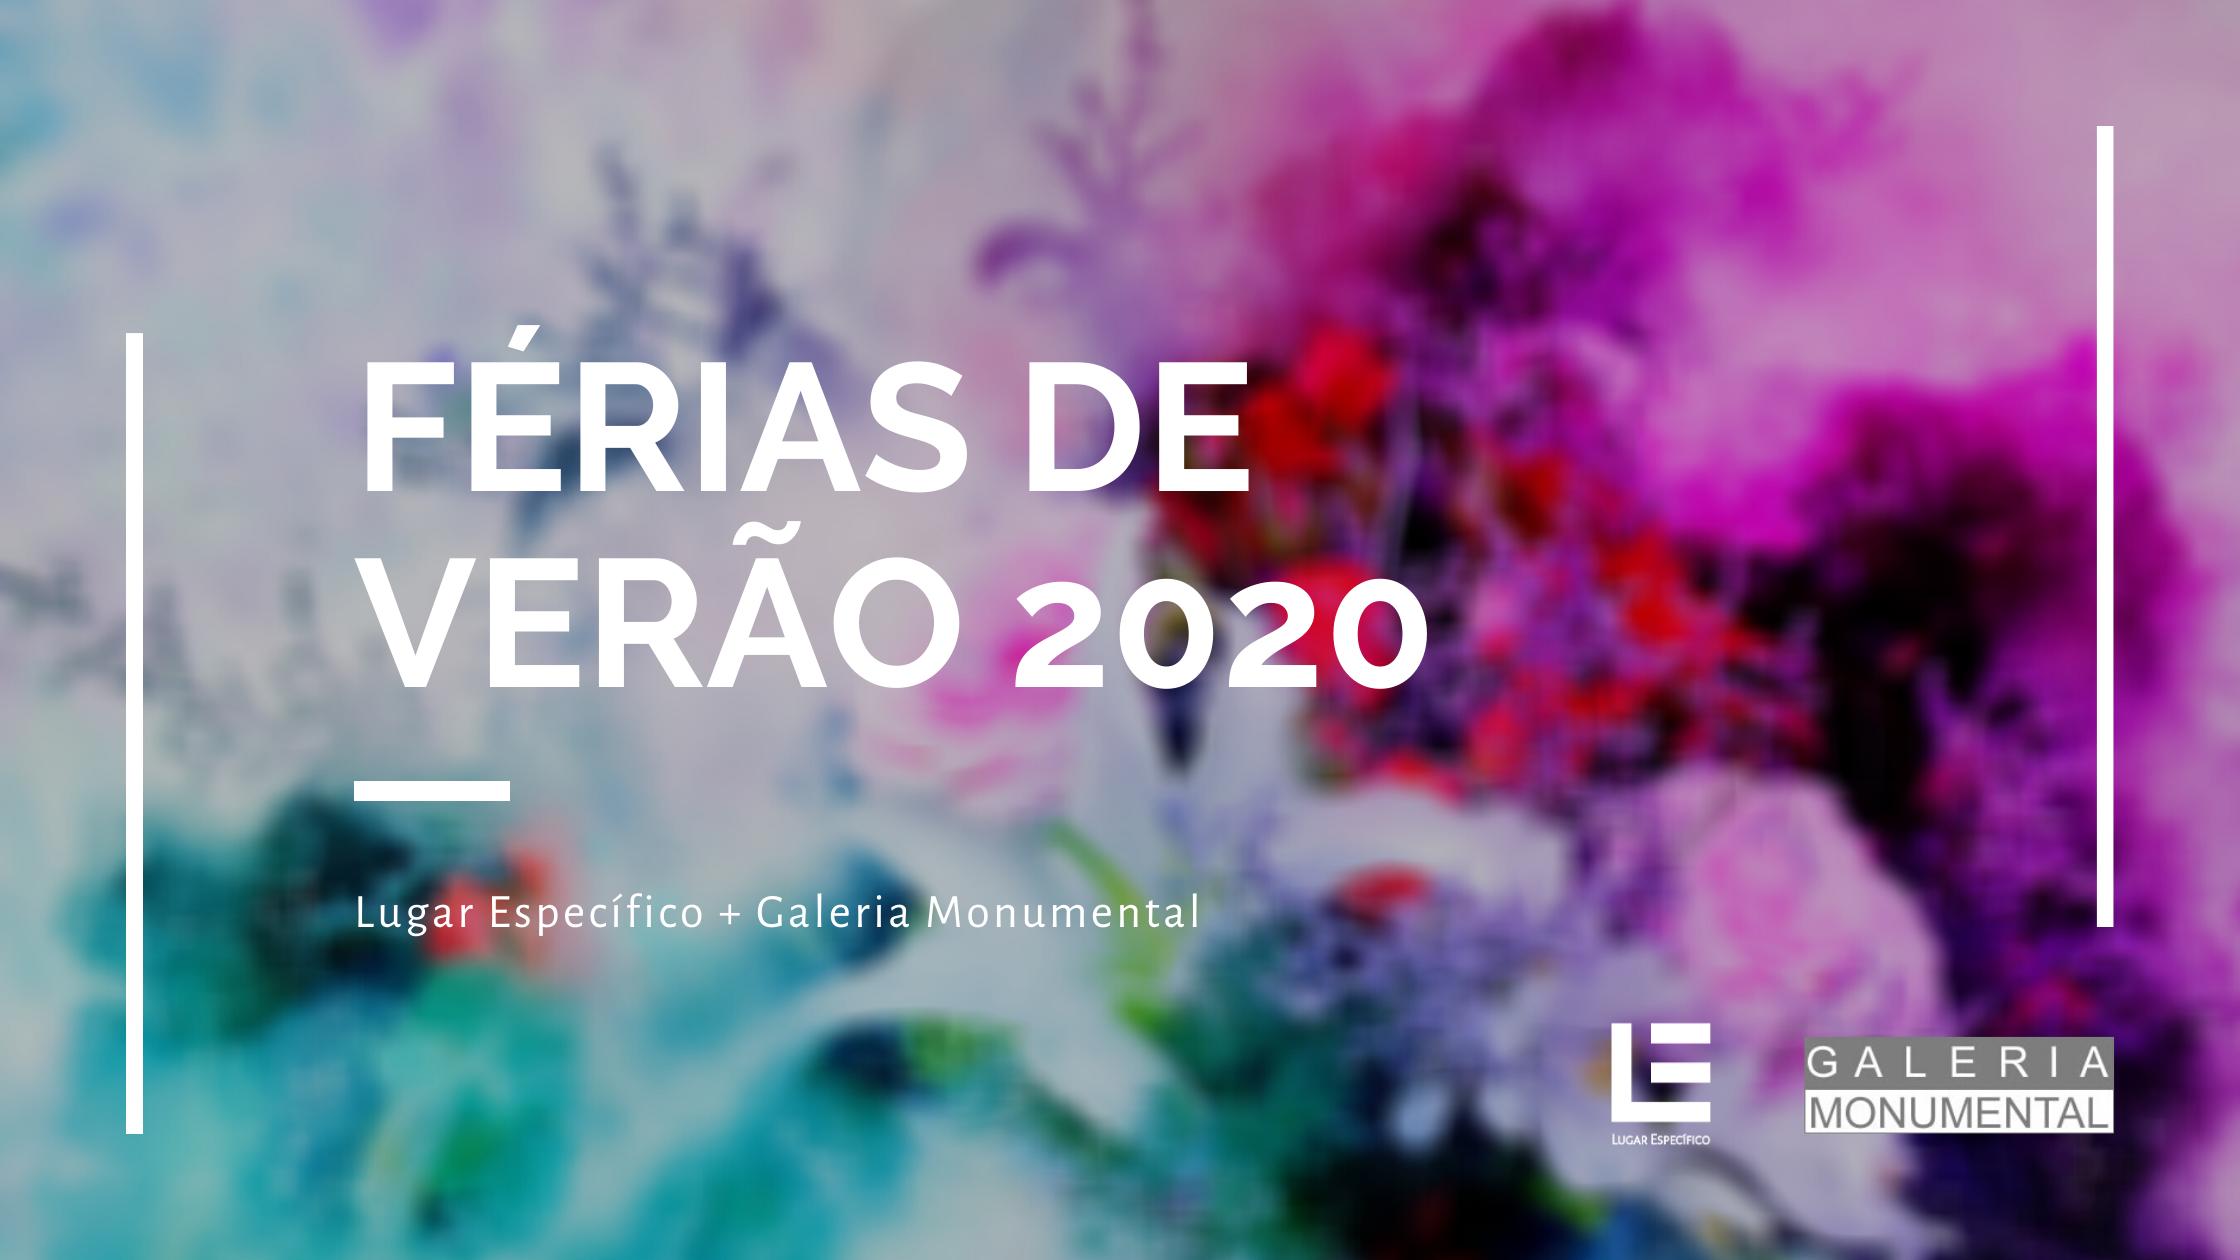 Férias de Verão 2020 | Lugar Específico